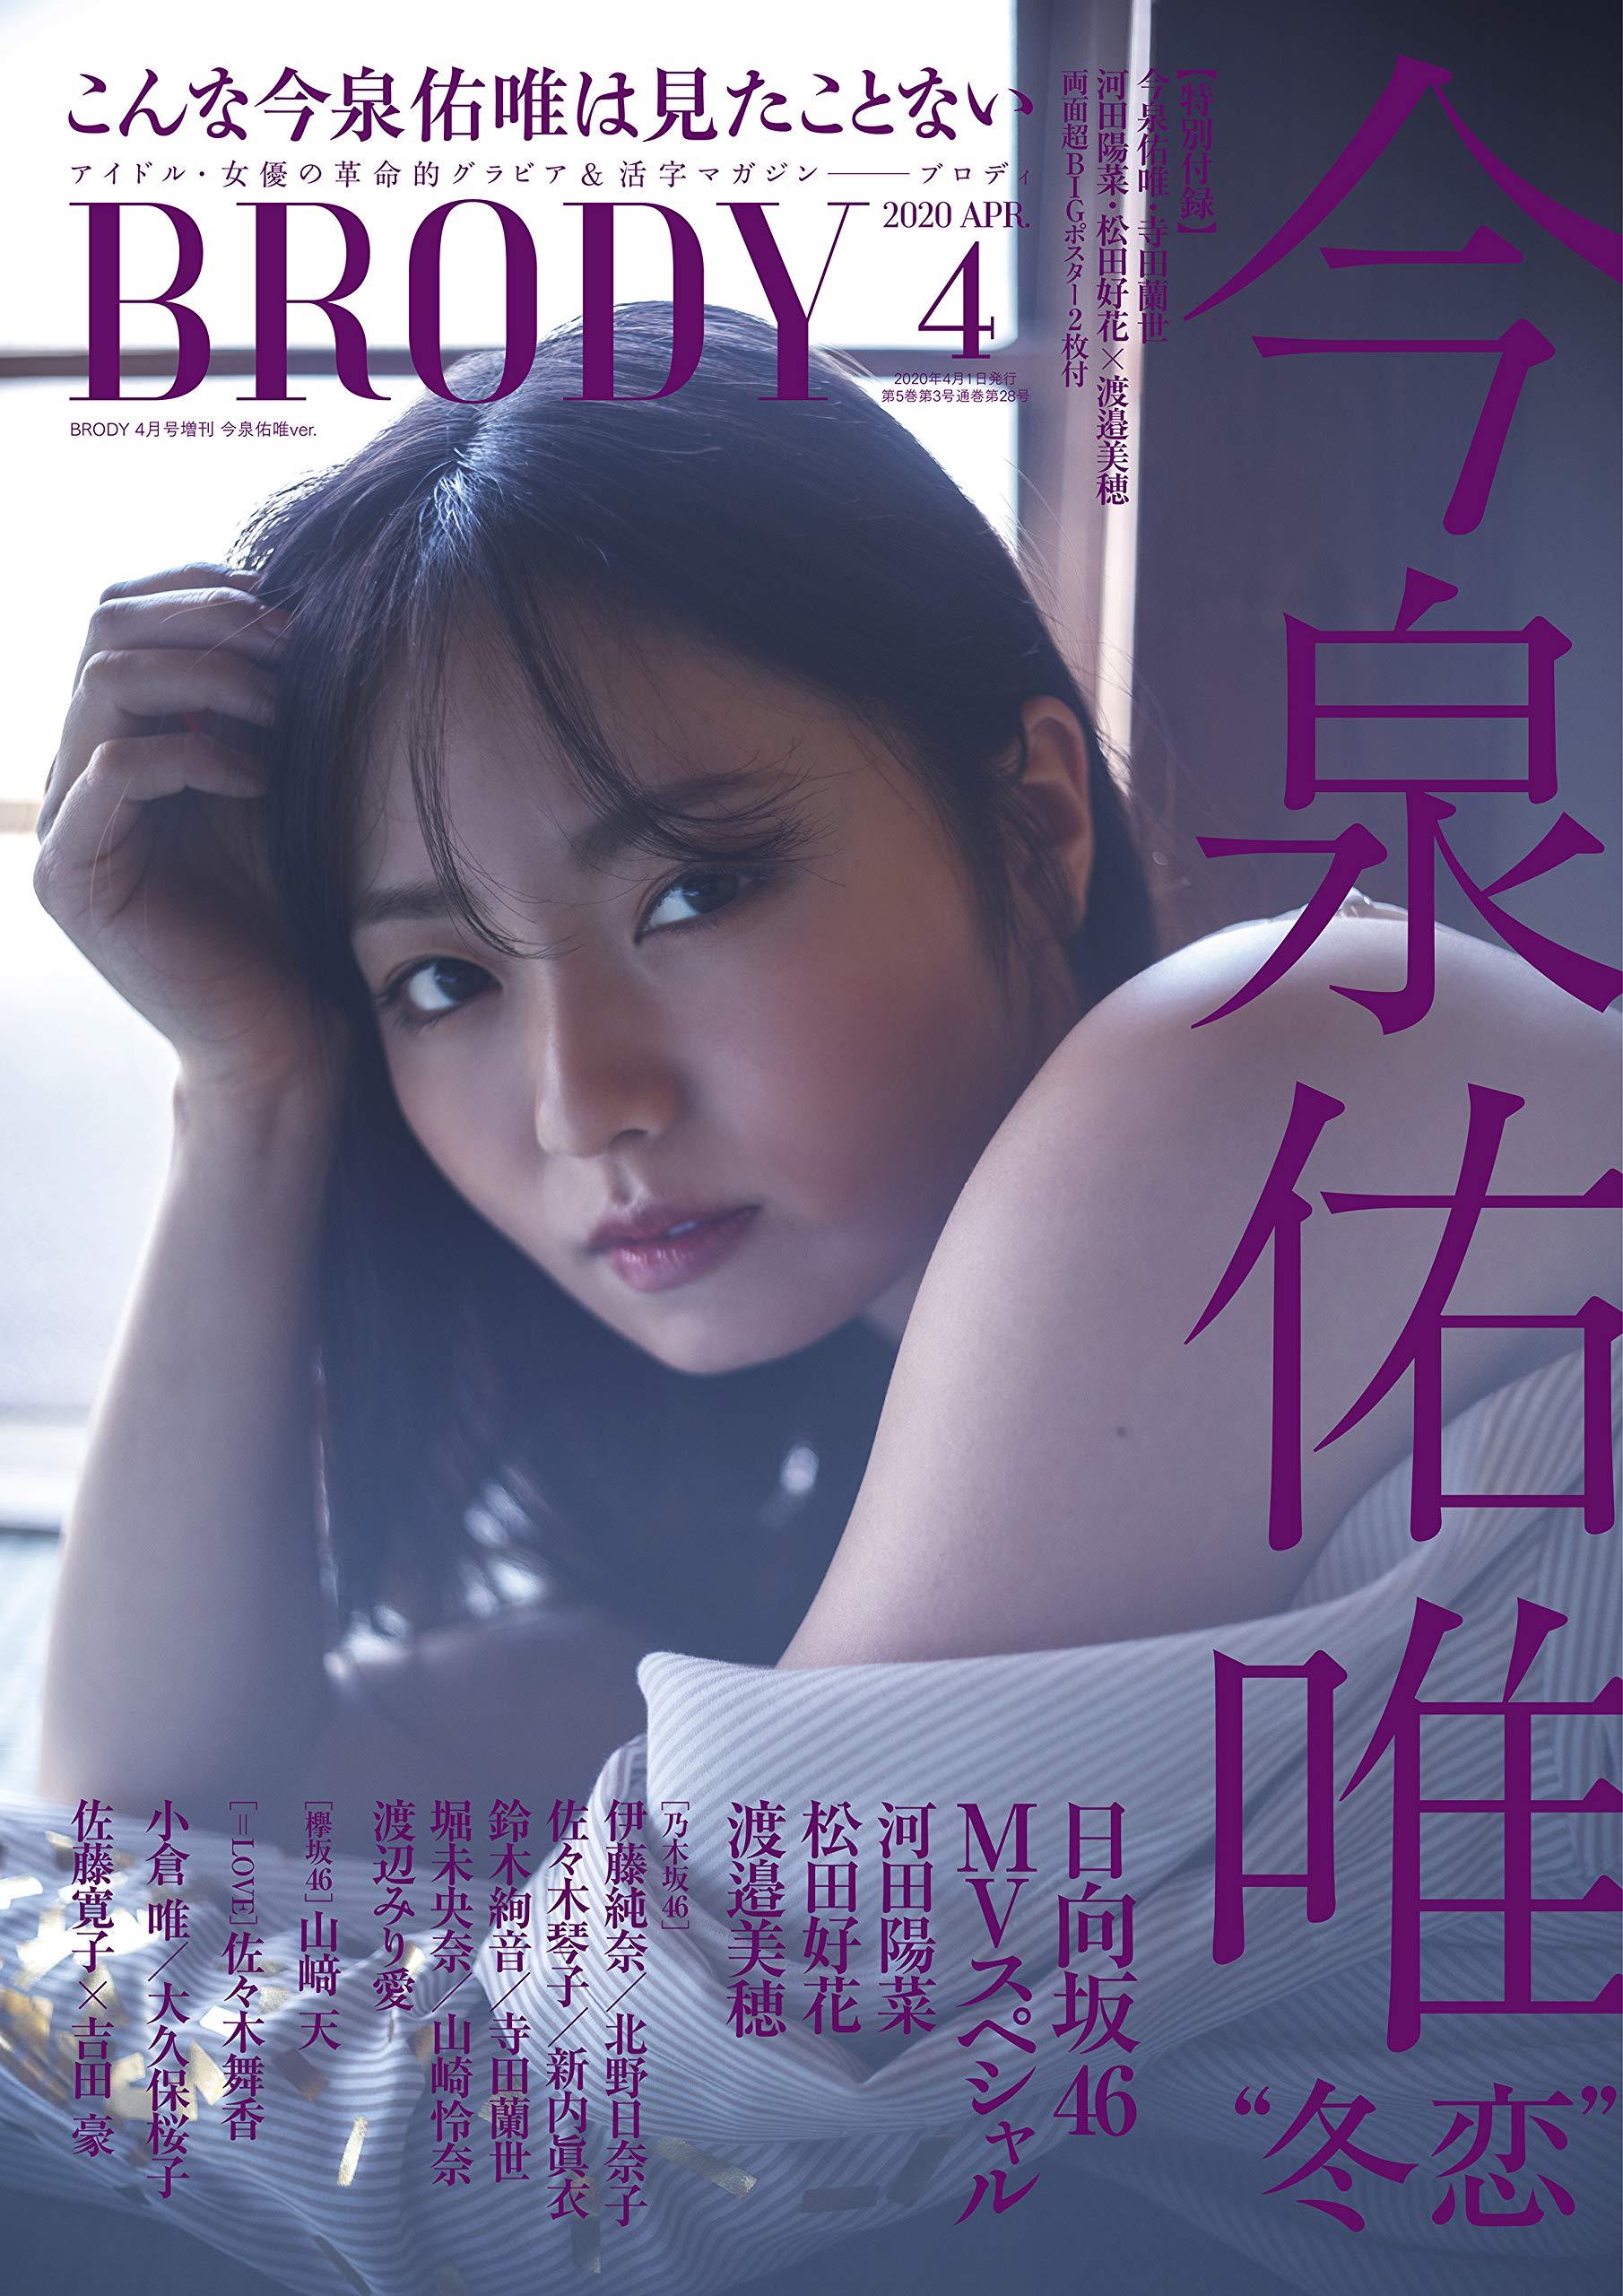 BRODY 2020年04月号 欅坂46   今泉佑唯